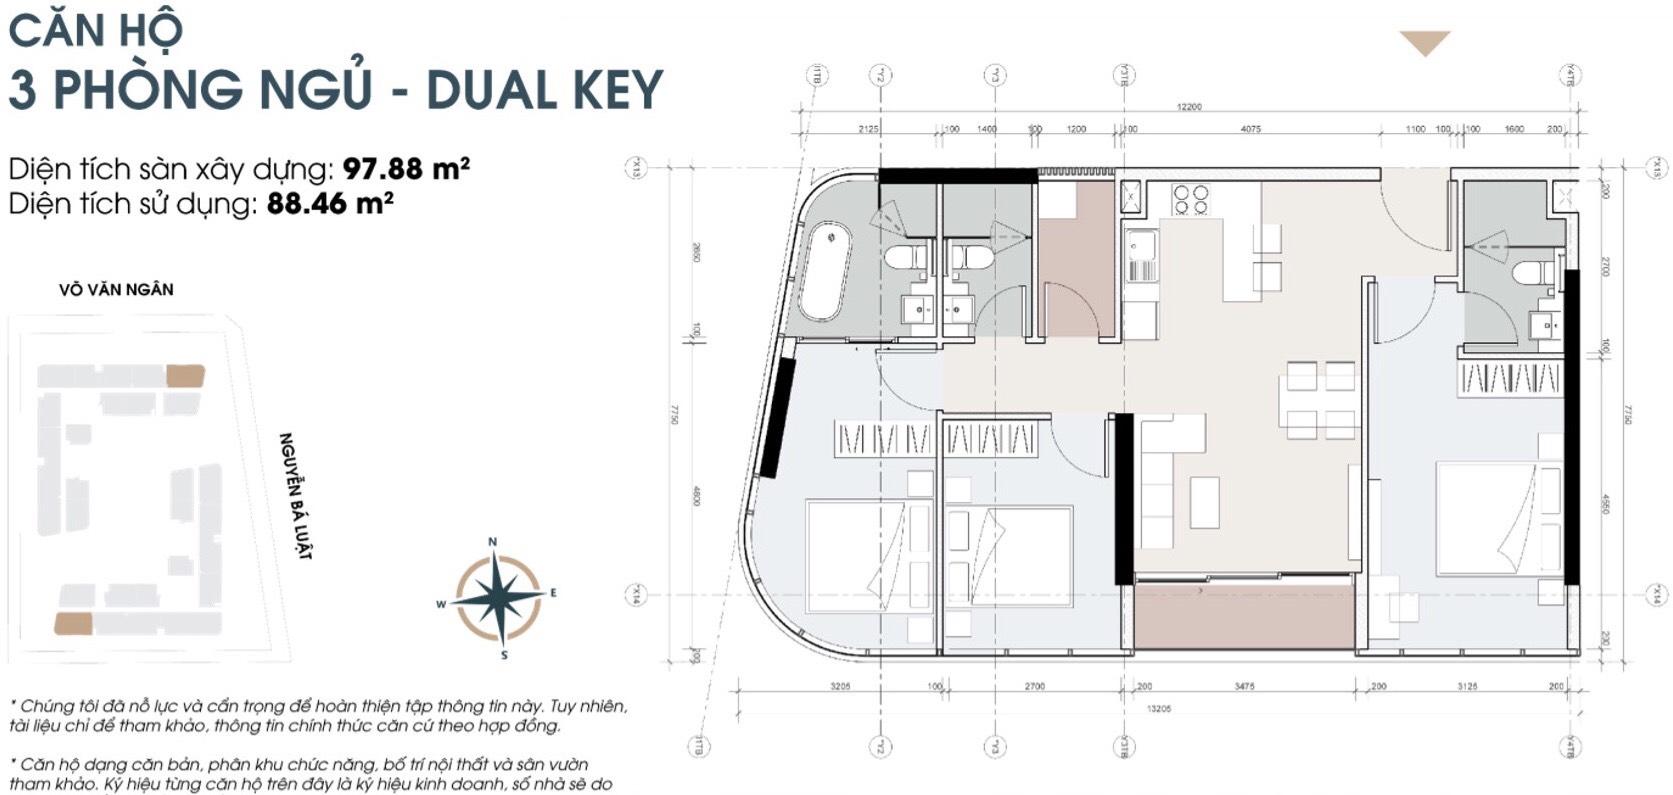 Thiết kế căn 3 phòng ngủ 98m2 dự án căn hộ King Crown Thủ Đức